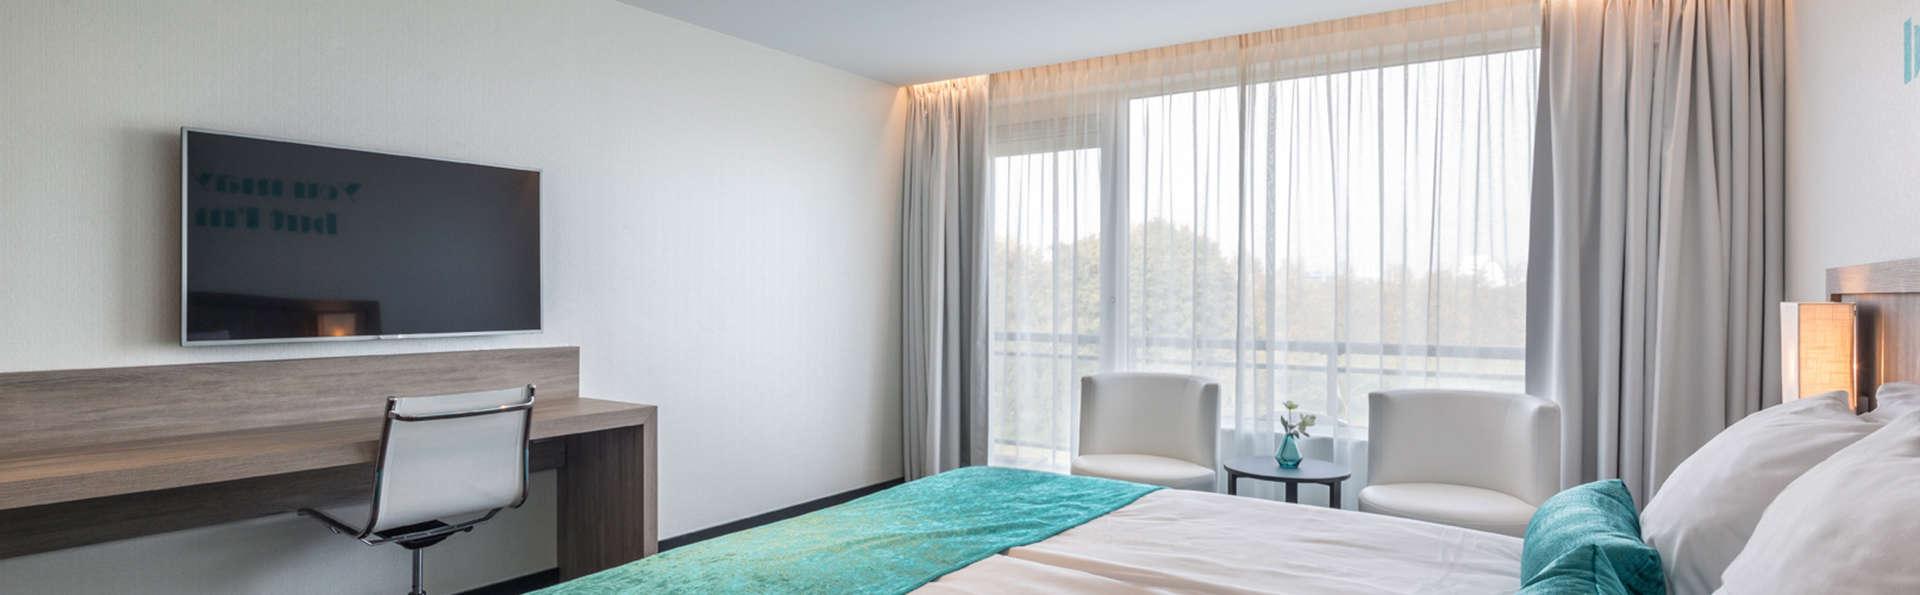 Van der Valk Hotel Vianen - Utrecht - EDIT_NEW_comfortroom1.jpg